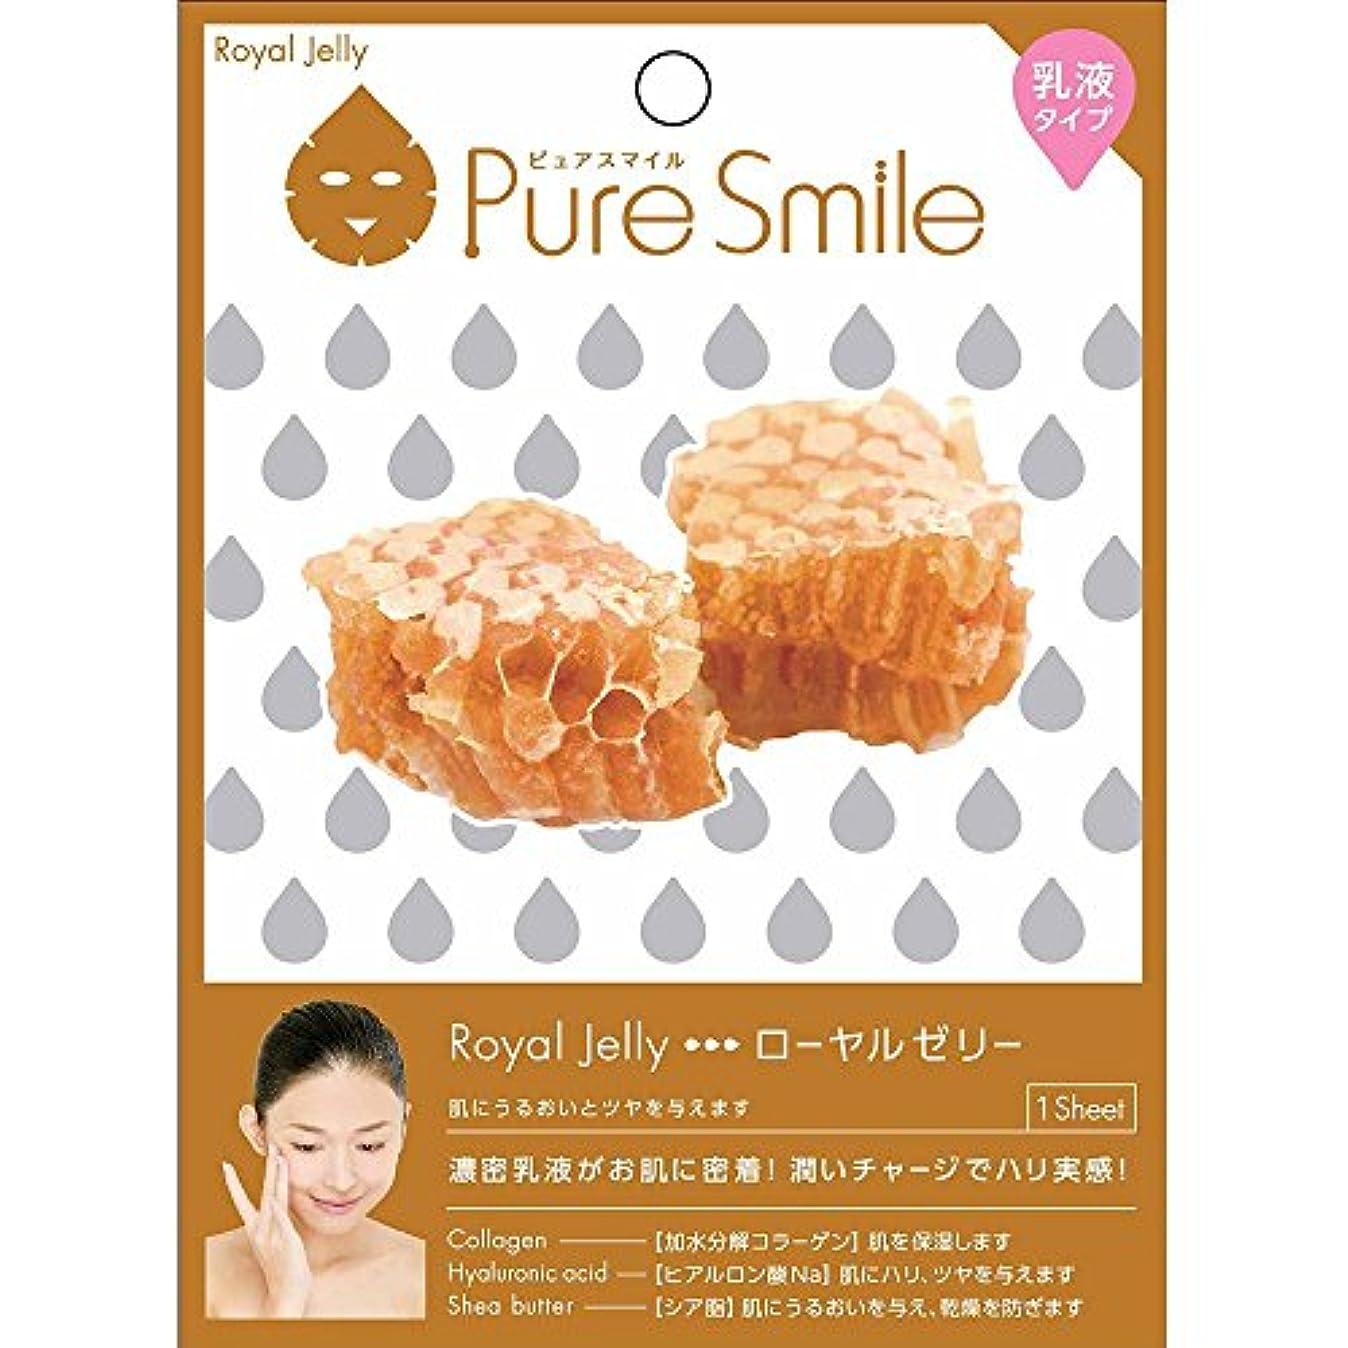 メドレー権威孤独なPure Smile(ピュアスマイル) 乳液エッセンスマスク 1 枚 ローヤルゼリー